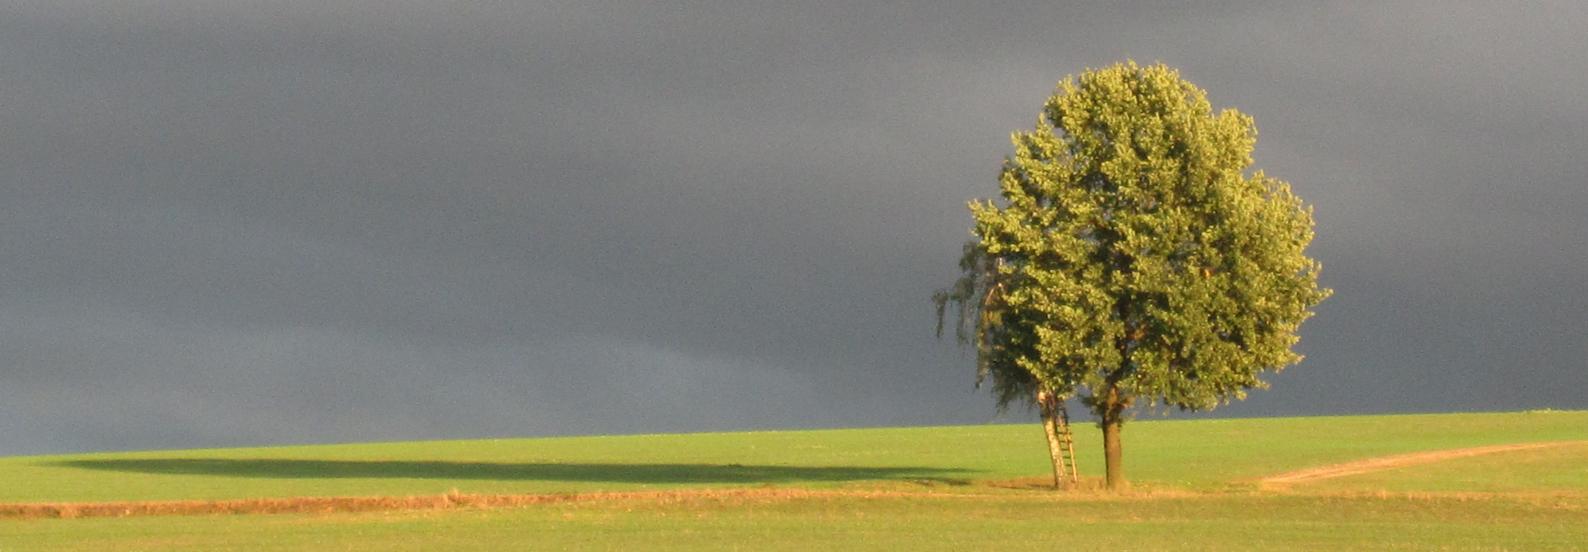 Baum in tiefem Abendlicht